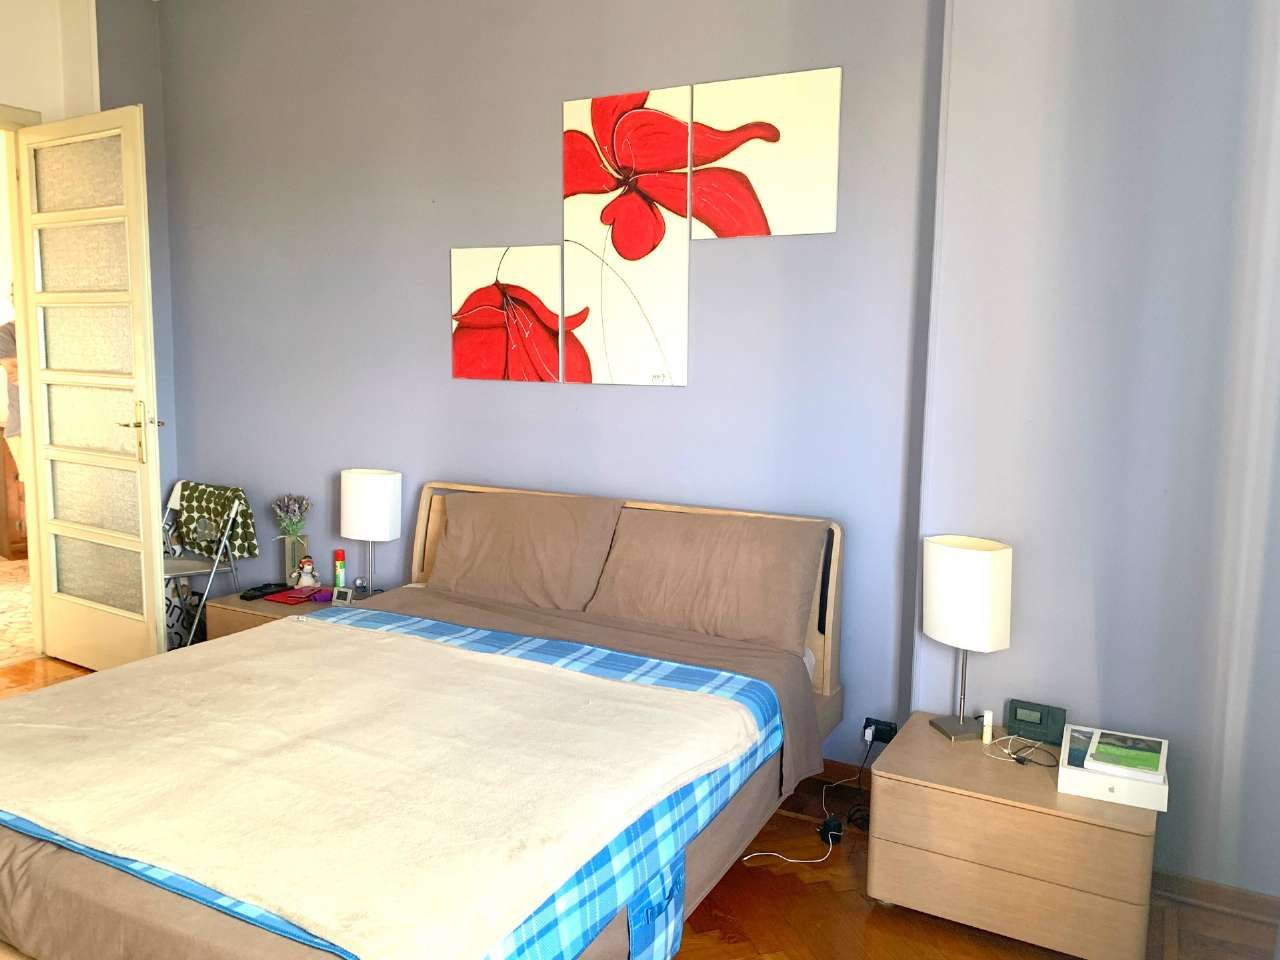 Appartamento in affitto Zona Cit Turin, San Donato, Campidoglio - corso FRANCIA Torino